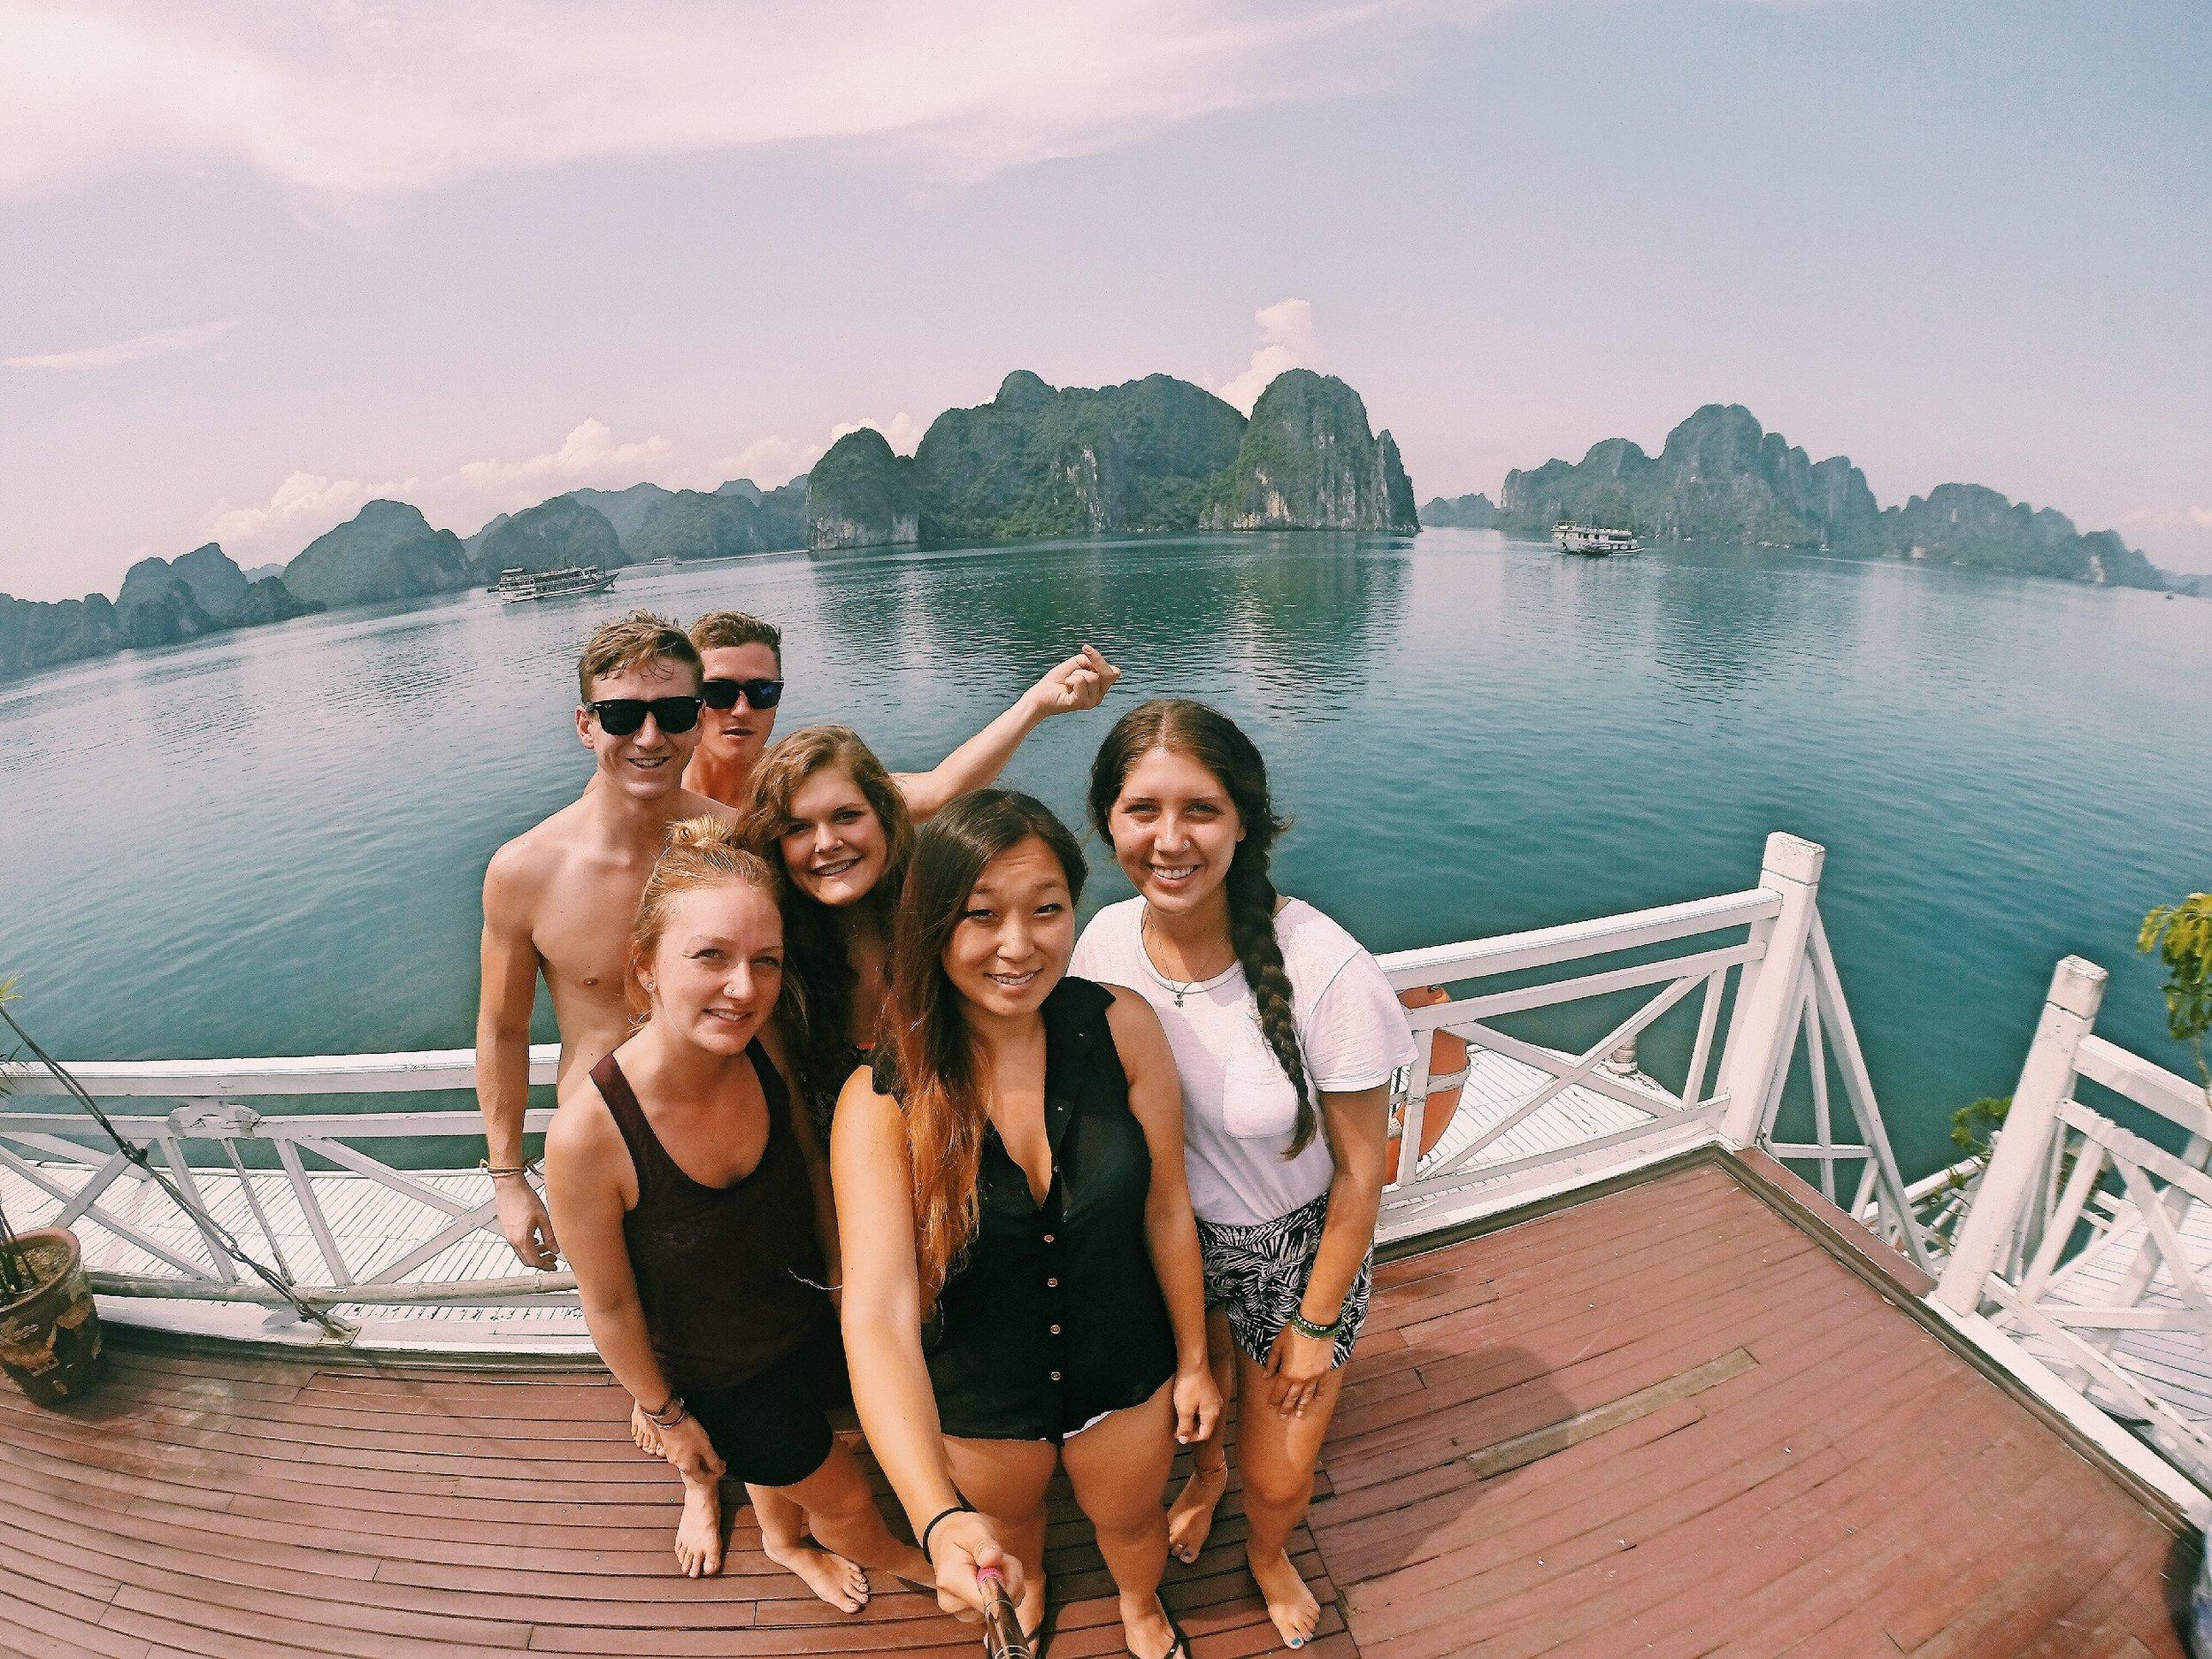 New Friends through Ha Long Bay, Vietnam